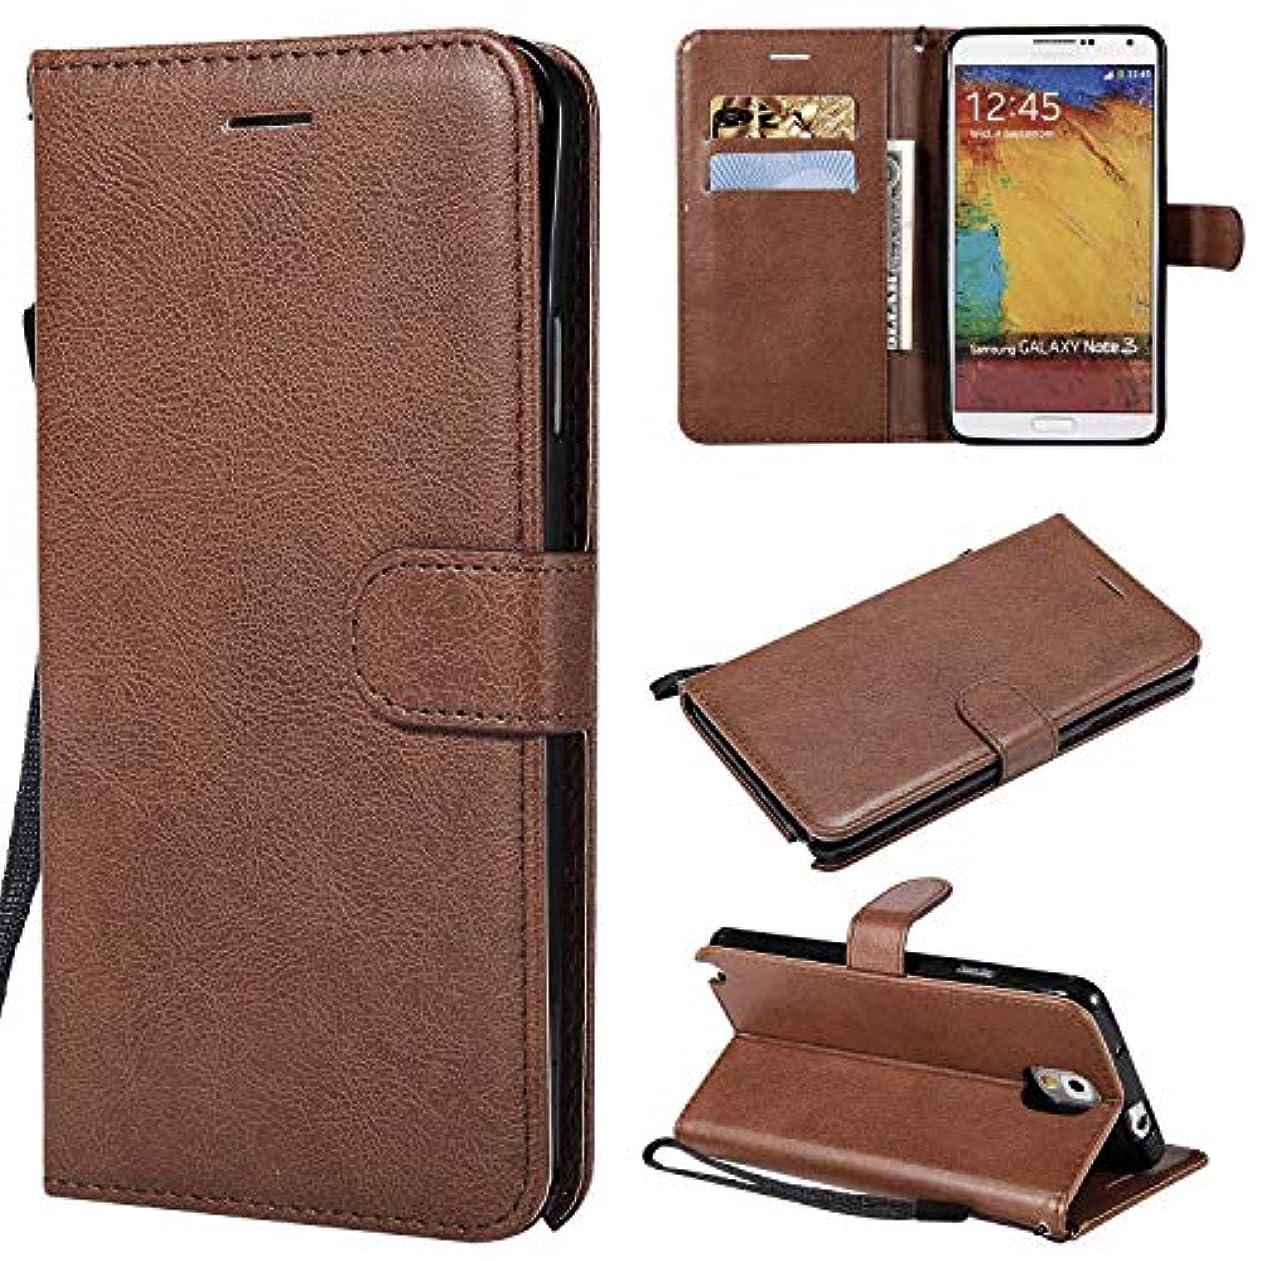 湿原カトリック教徒発信Galaxy Note 3 ケース手帳型 OMATENTI レザー 革 薄型 手帳型カバー カード入れ スタンド機能 サムスン Galaxy Note 3 おしゃれ 手帳ケース (1-ブラウン)